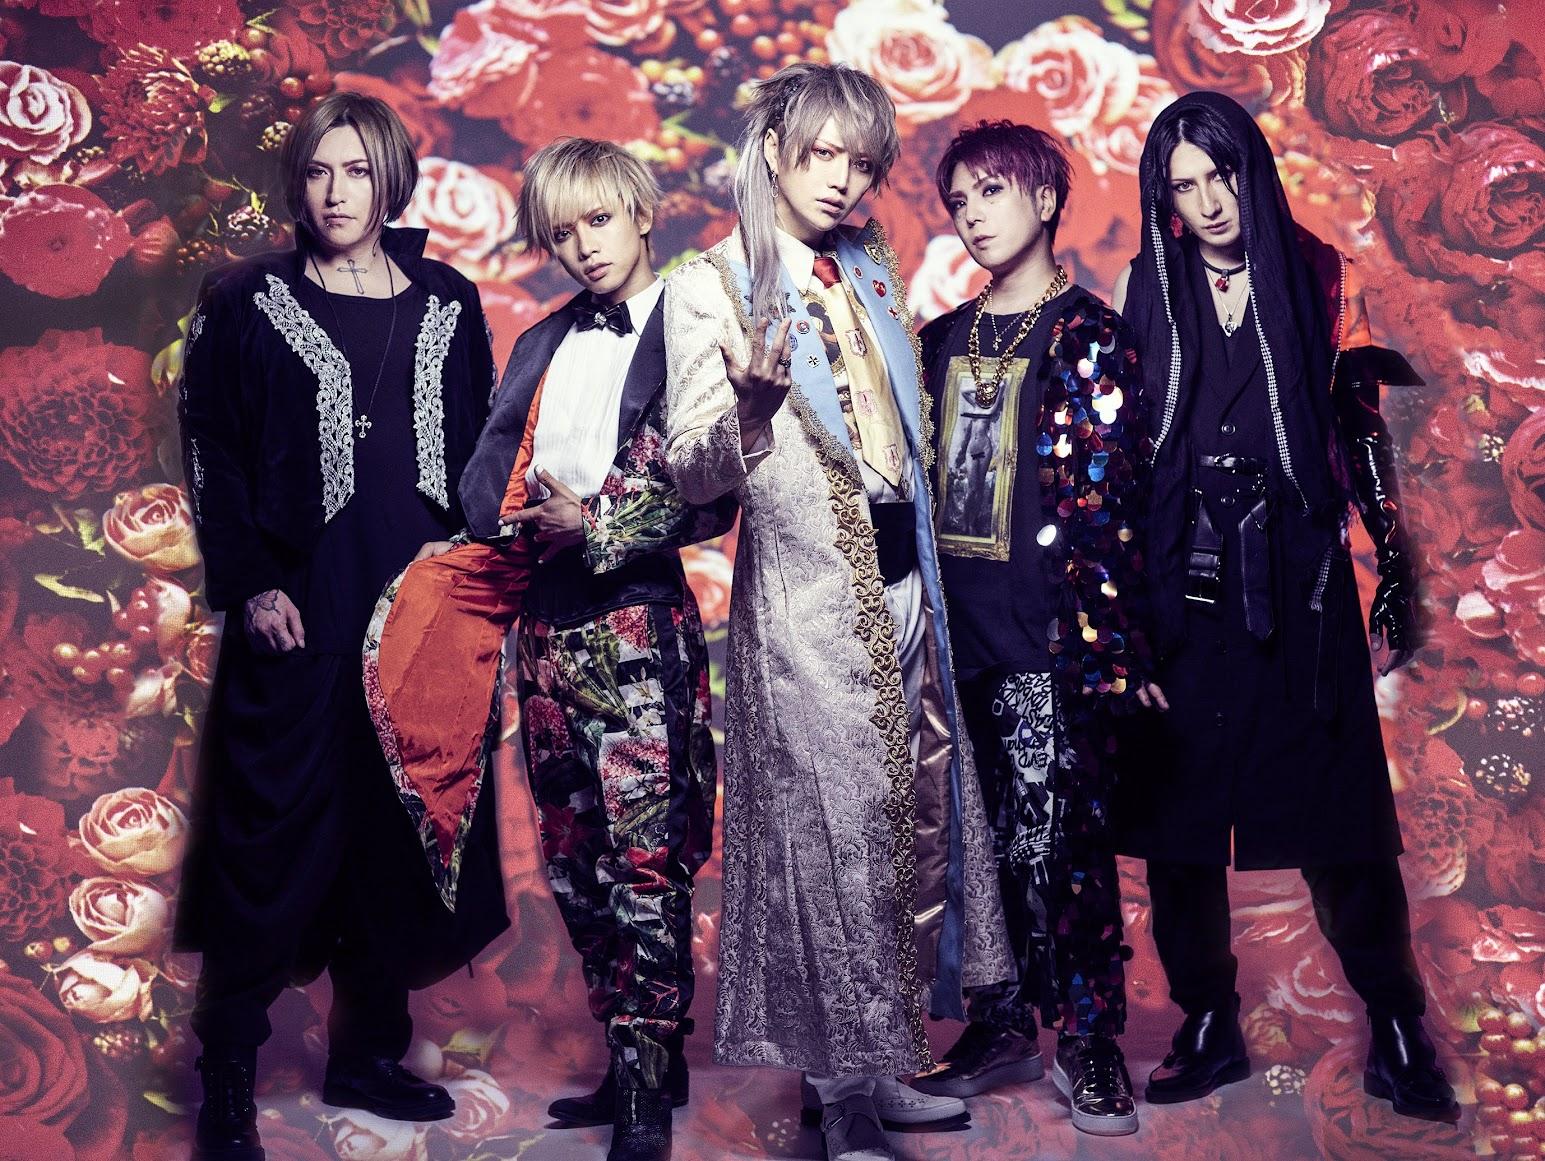 【迷迷專訪】日本視覺系樂團 A9 迎向15周年 「想要五個人一起認真地活下去、把握每個無可取代的現在」